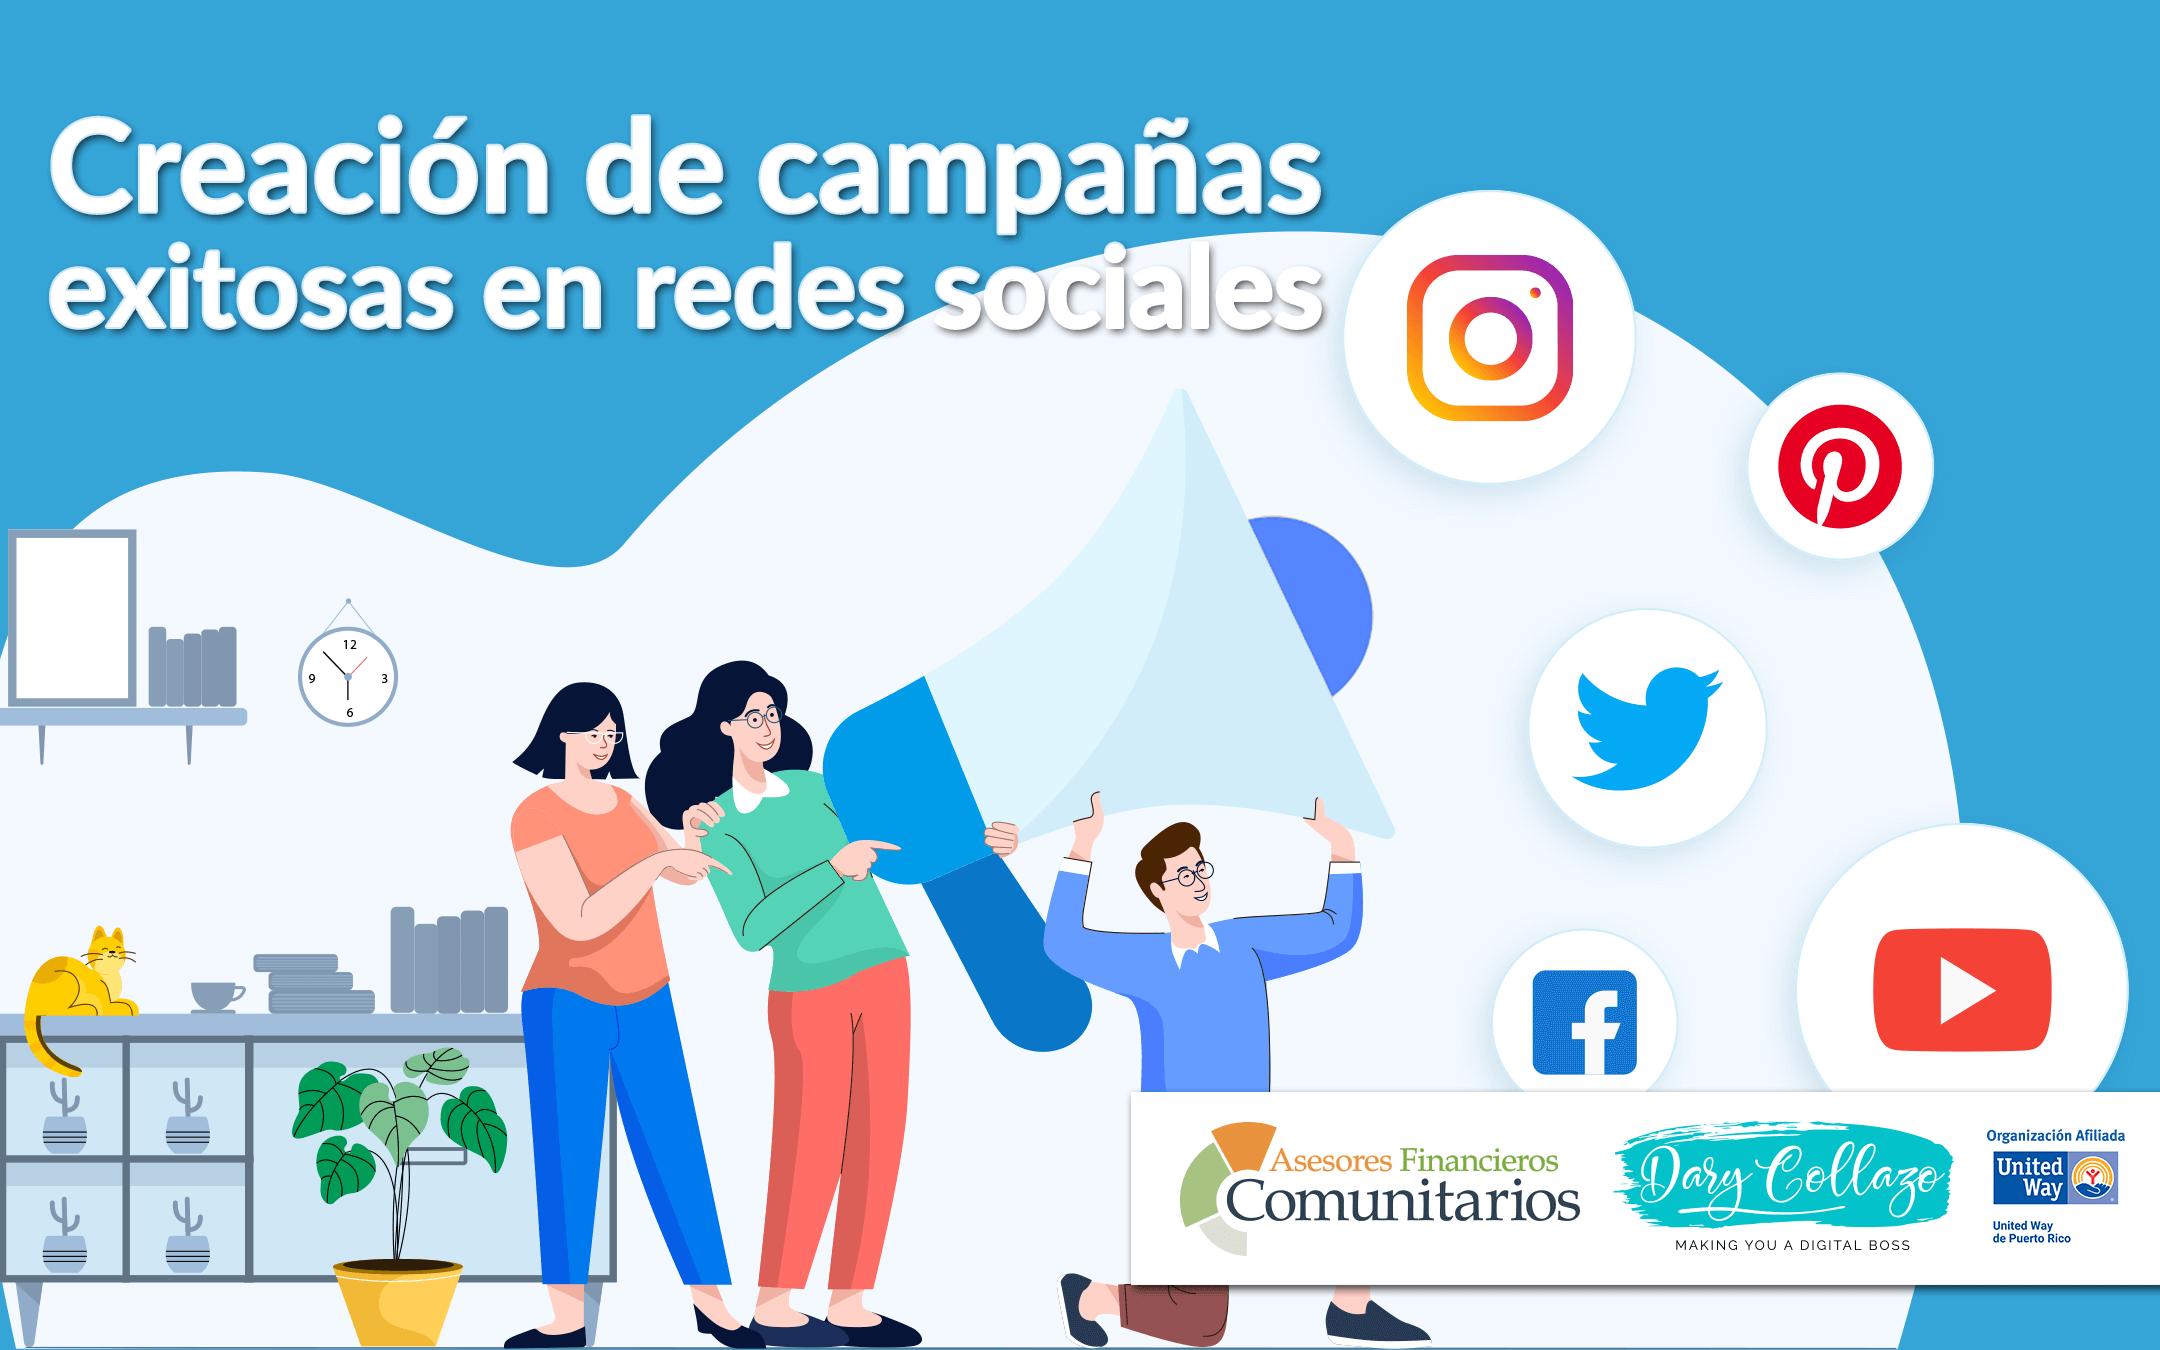 Creación de campañas exitosas en redes sociales